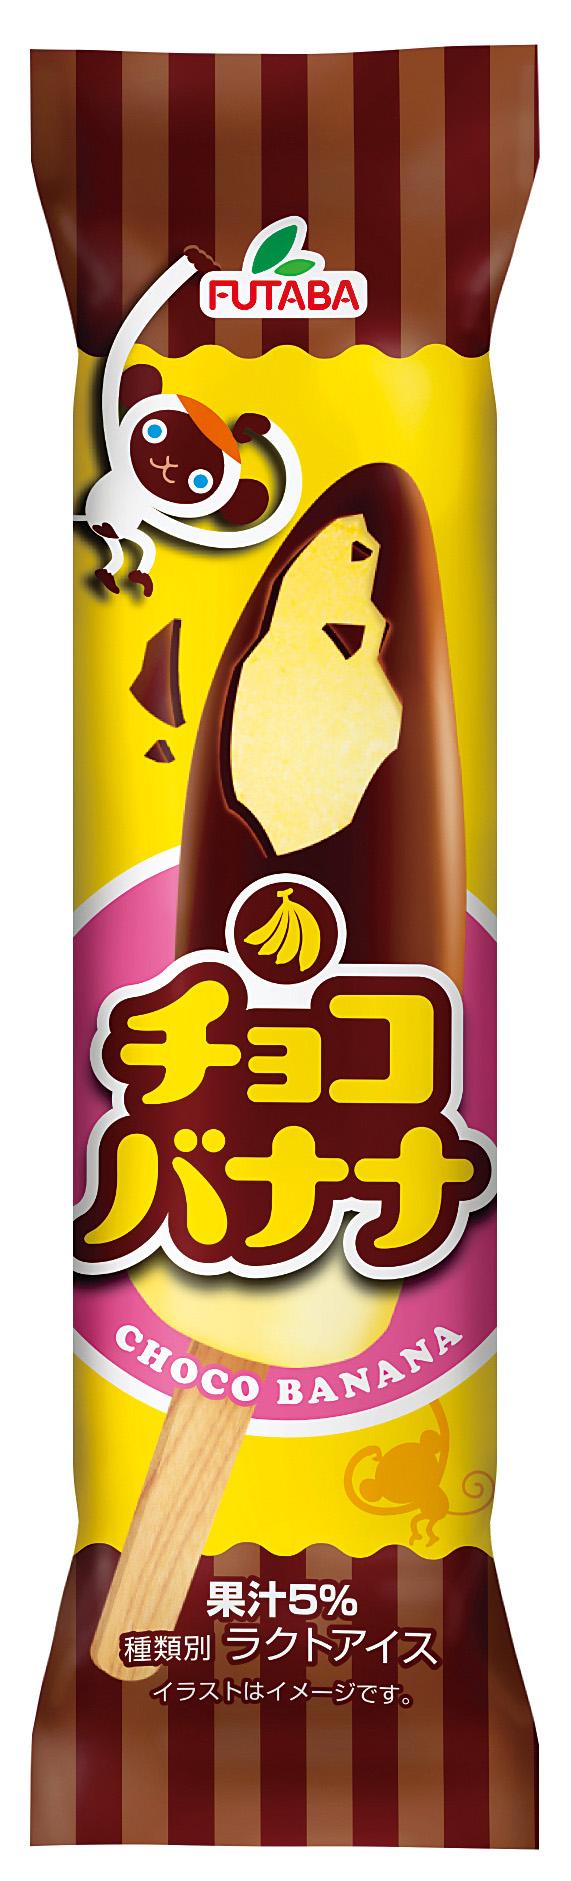 新商品「チョコバナナ」が発売されました!